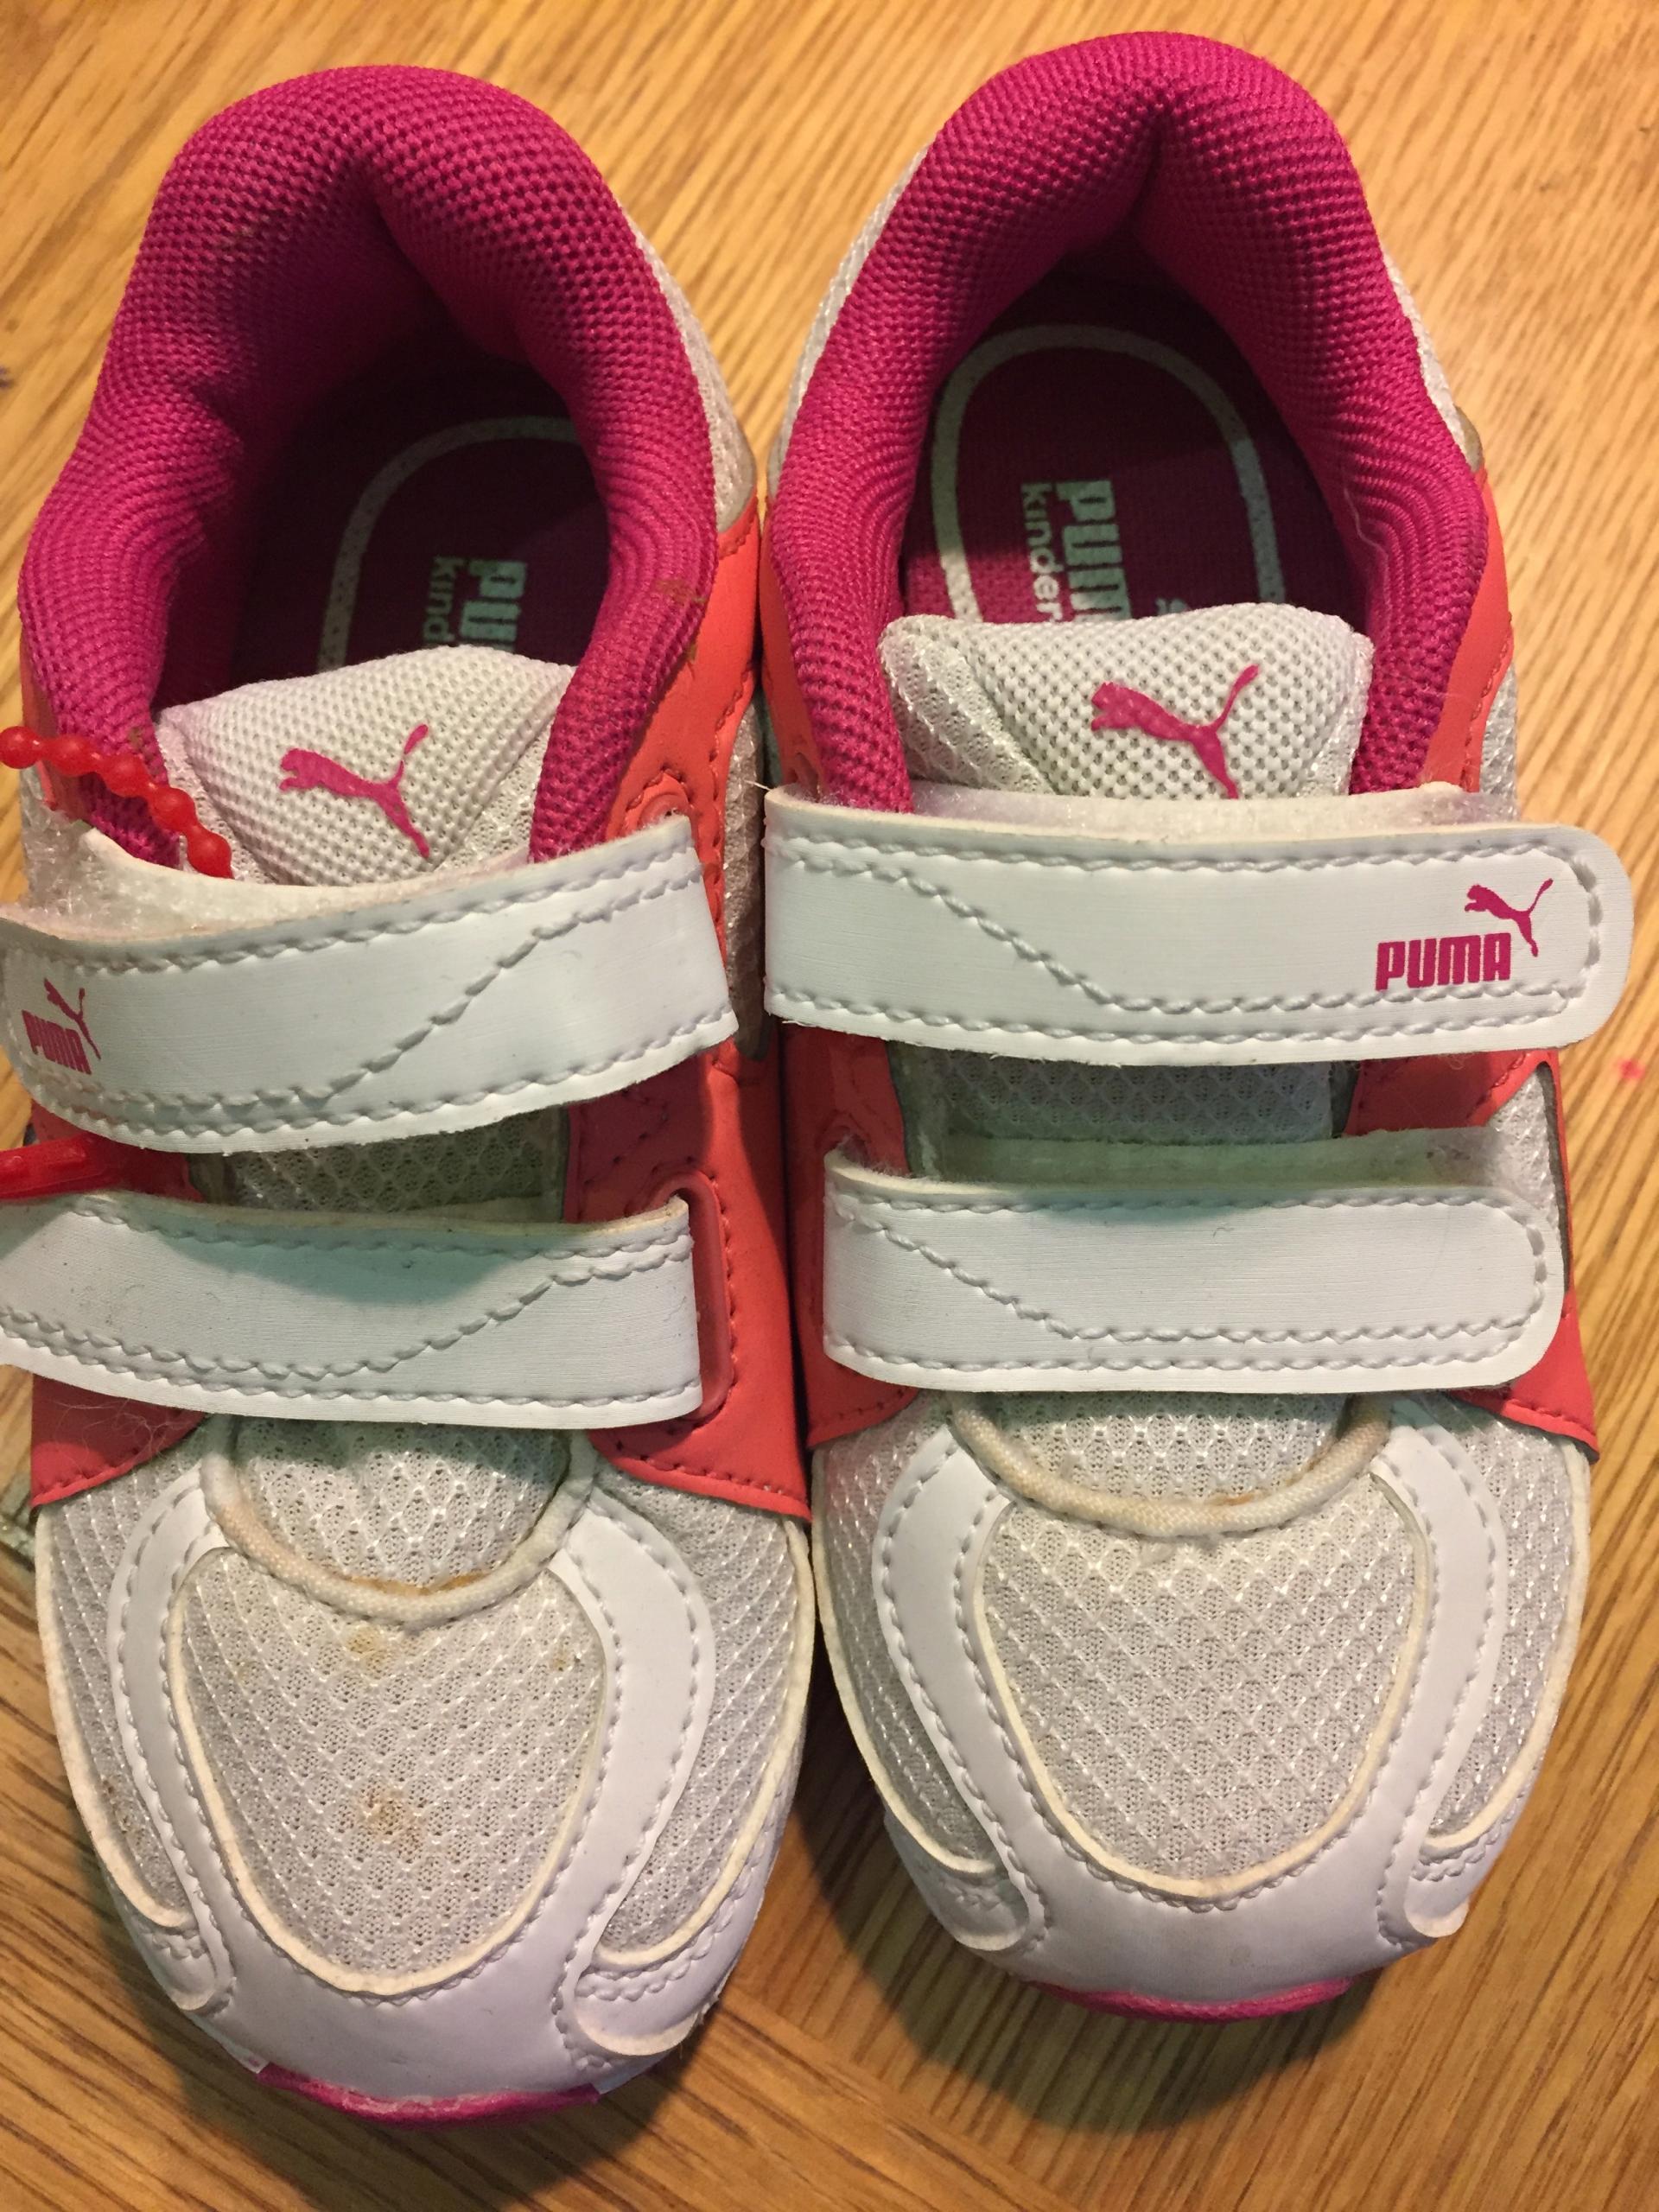 Buty dla dziewczynki PUMA rozmiar 24 7594846230